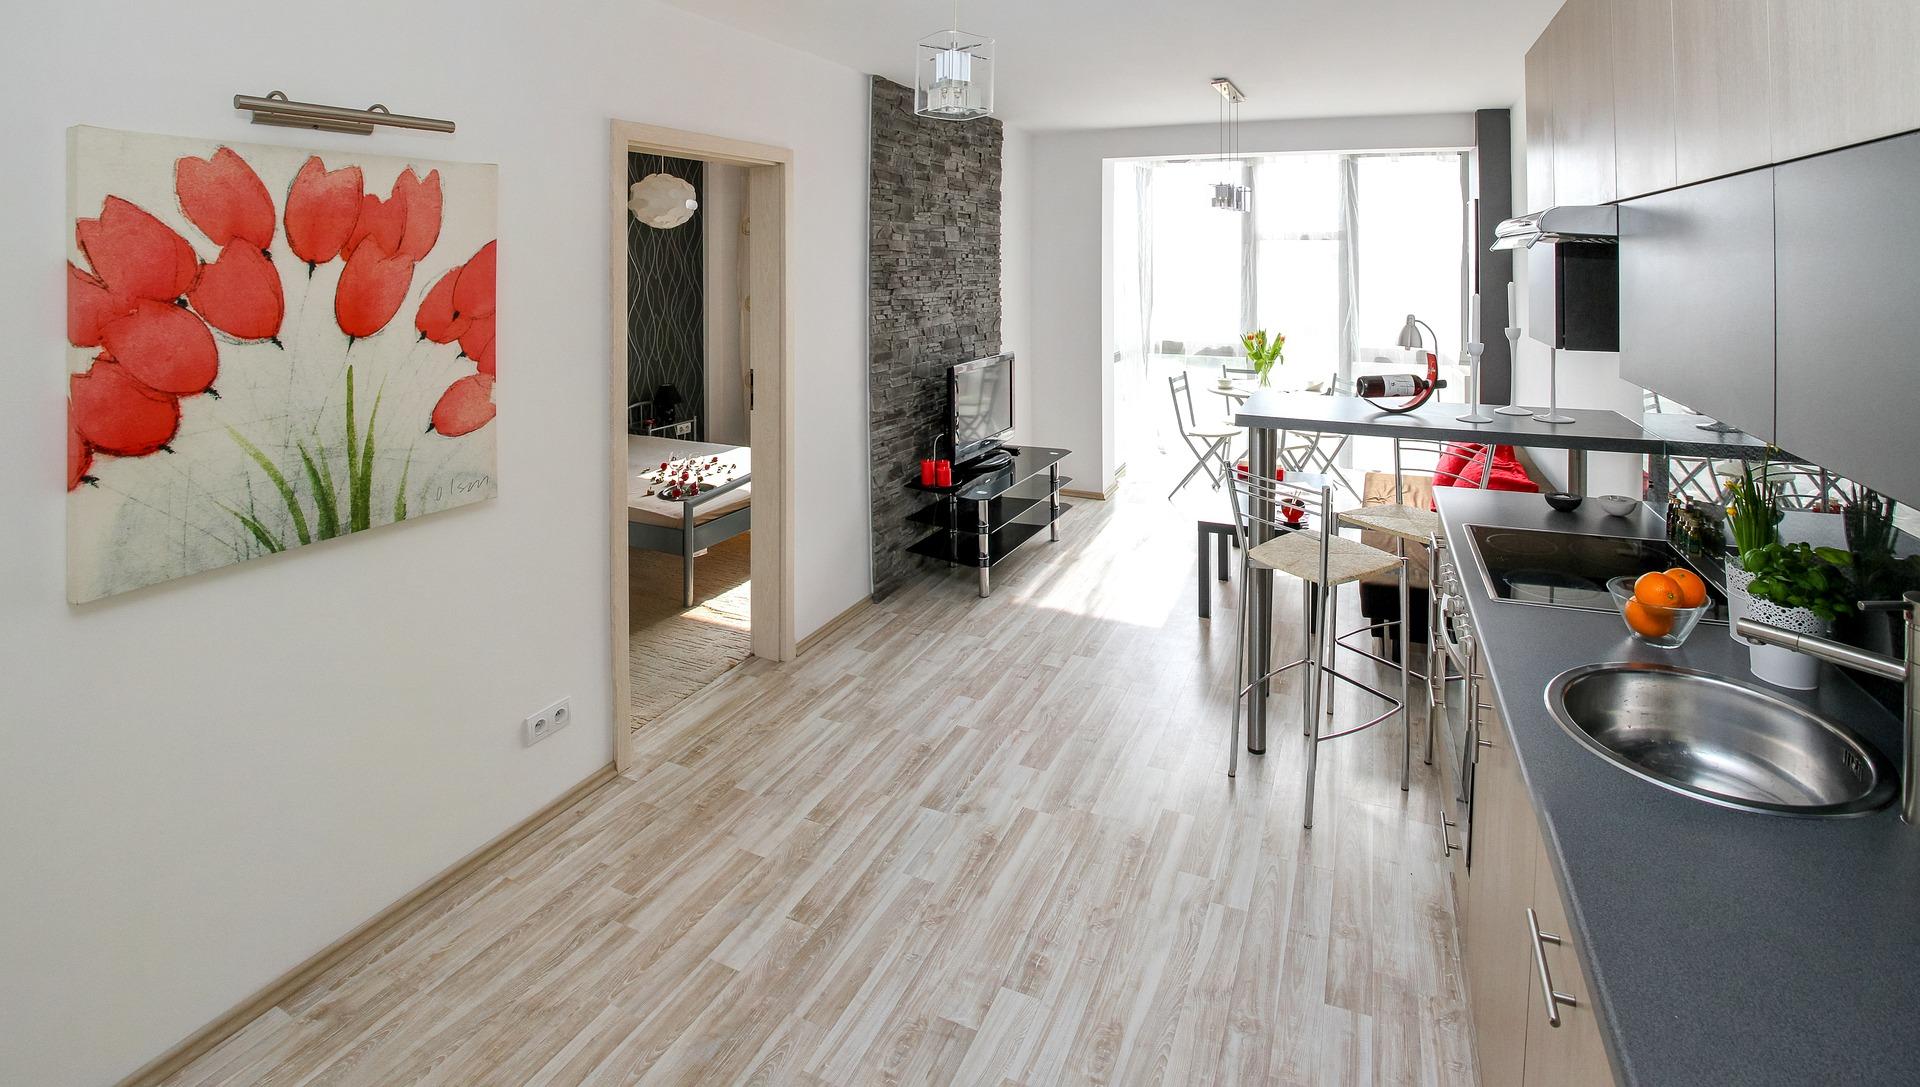 デザイナーズマンションは住みにくい?